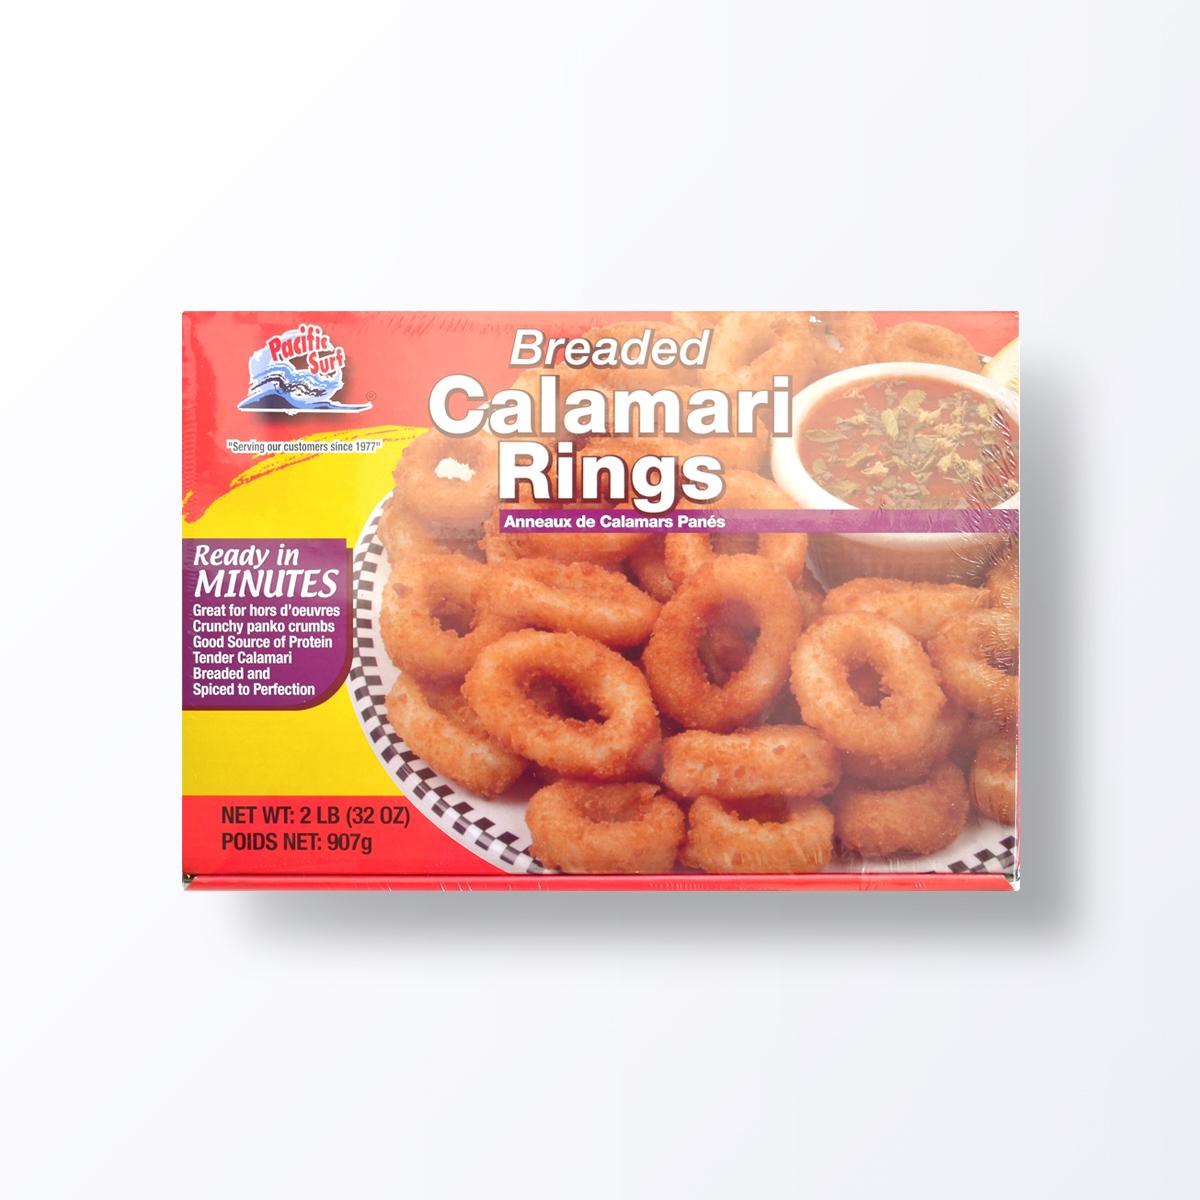 BRD177-Breaded-Calamari-Rings.jpg